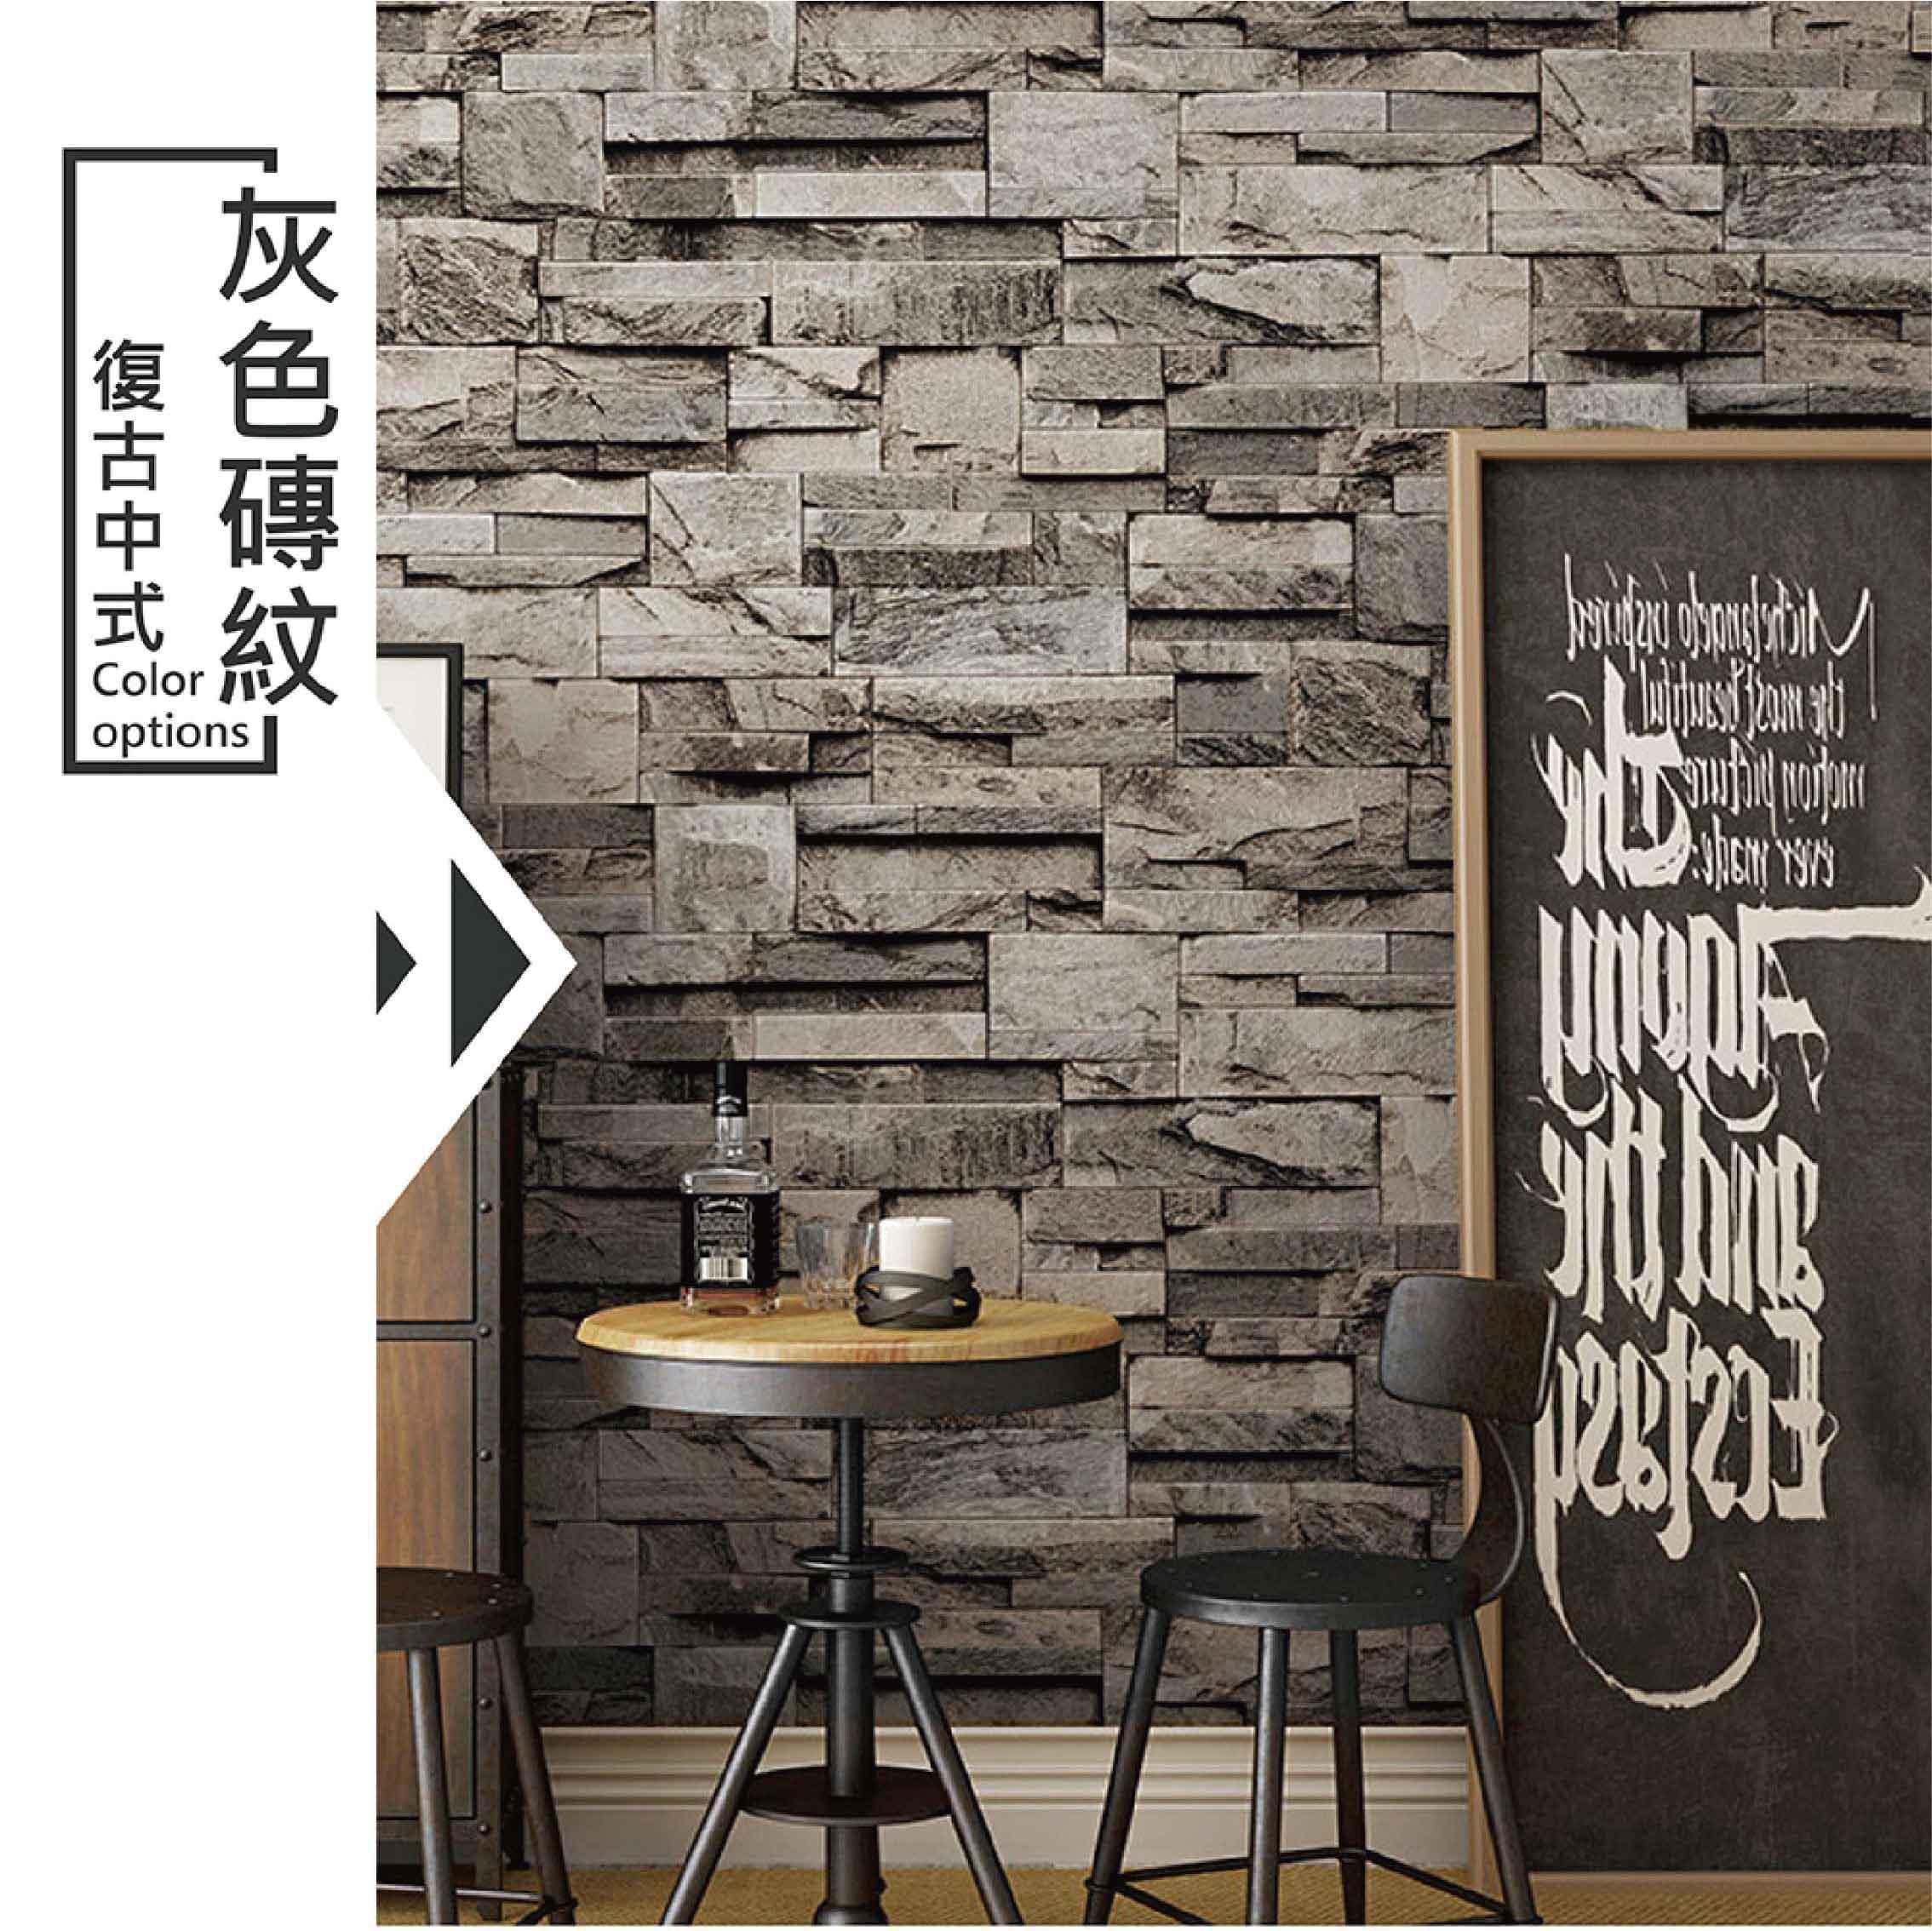 創意3D仿真磚紋牆壁自黏貼-灰色磚紋